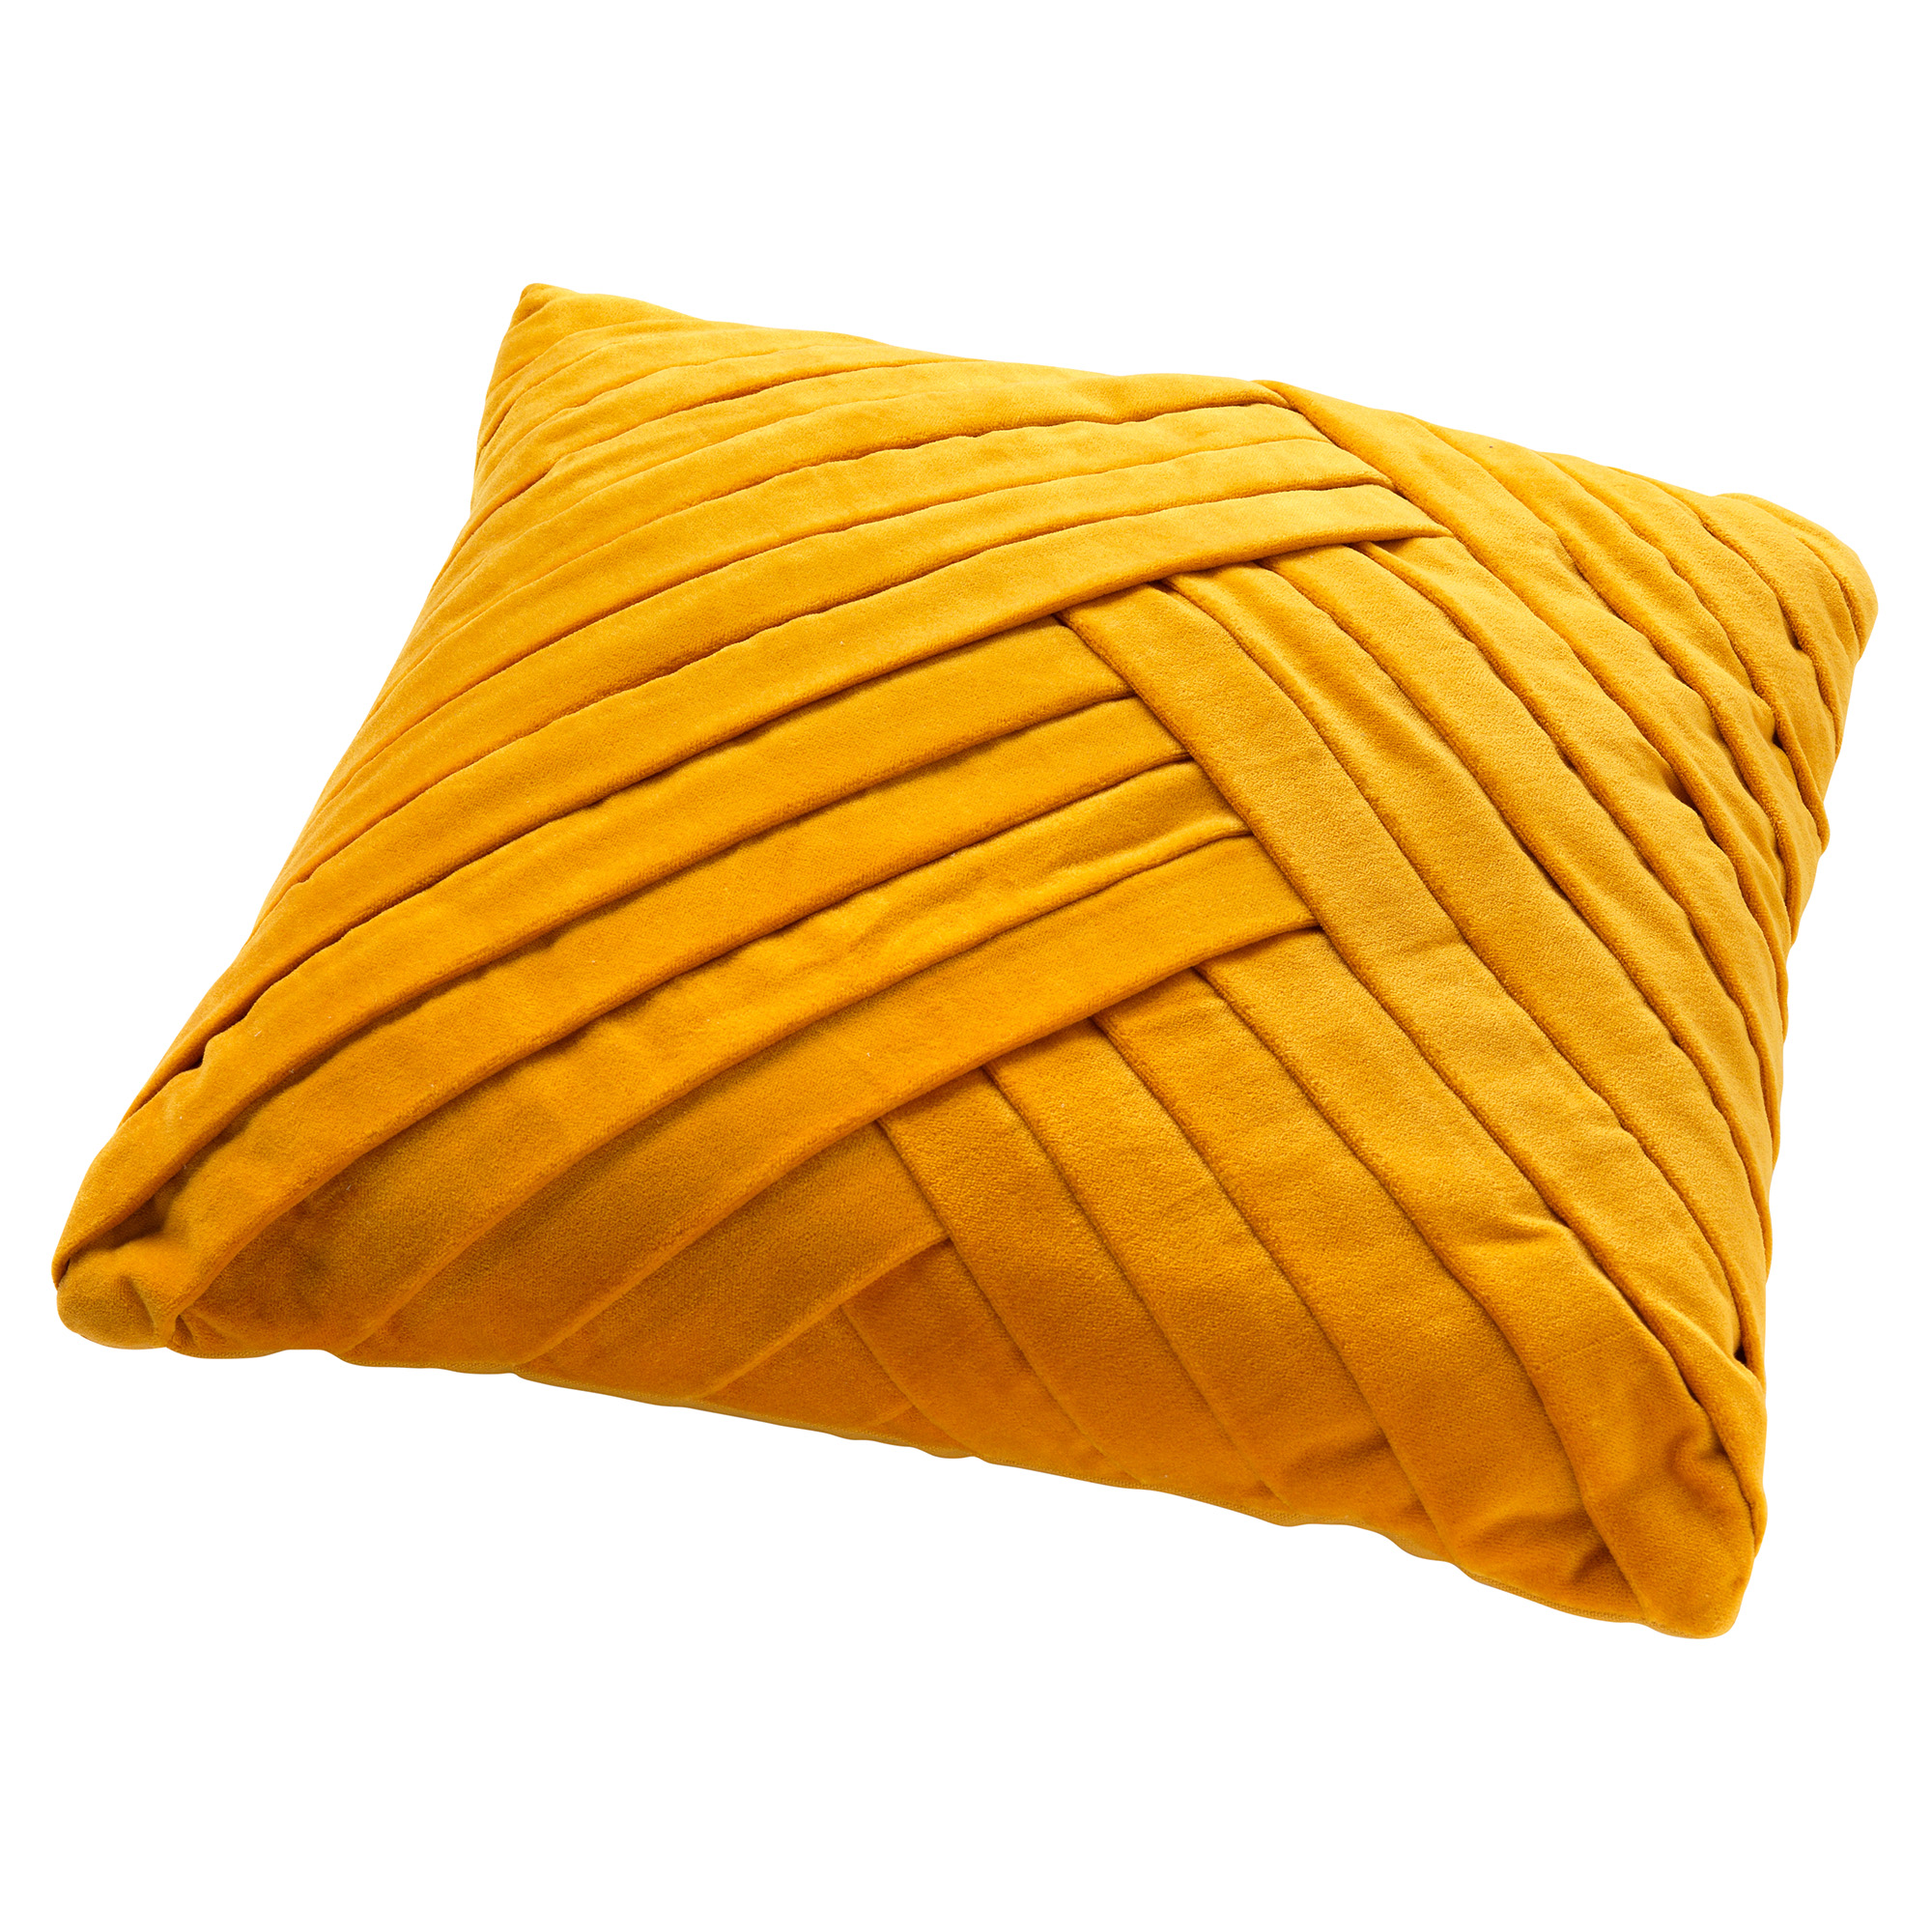 GIDI - Sierkussen velvet Golden Glow 45x45 cm